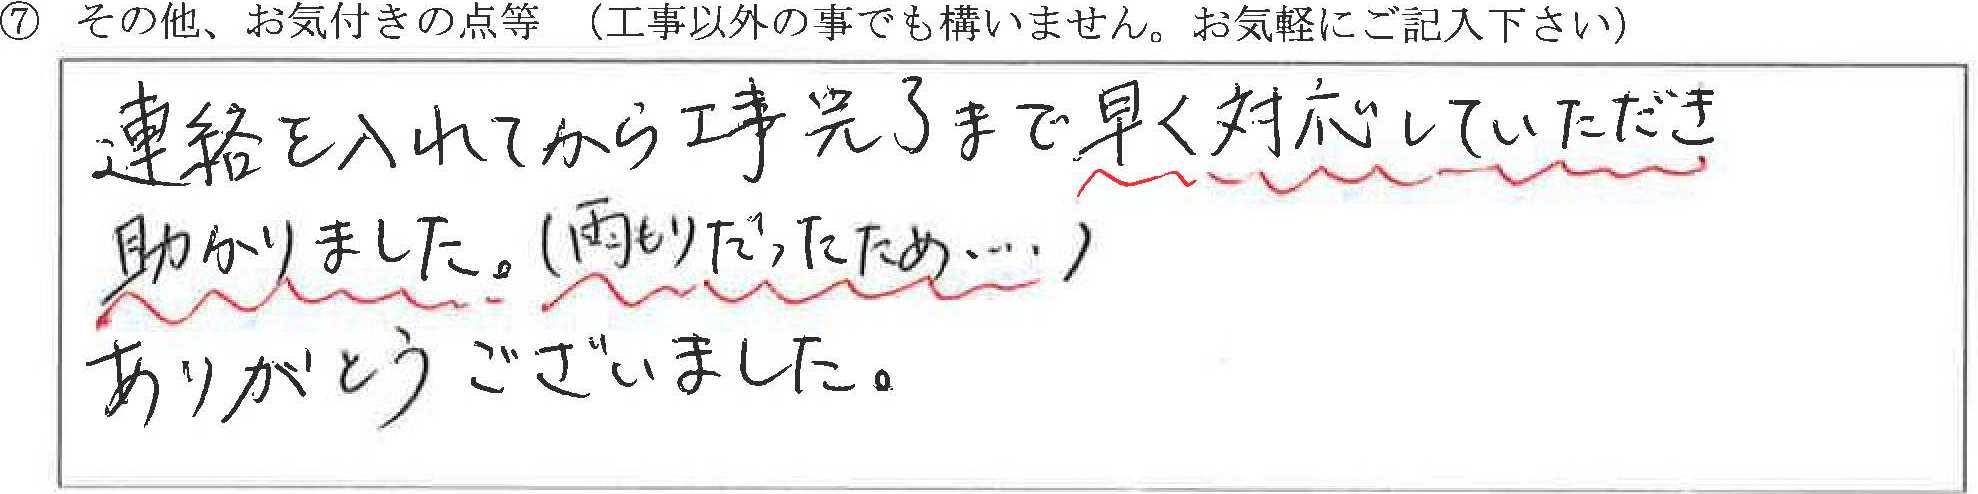 富山県富山市K様に頂いた平板瓦屋根<漏水>修繕工事についてのお気づきの点がありましたら、お聞かせ下さい。というご質問について「屋根瓦修繕工事【お喜びの声】」というお声についての画像